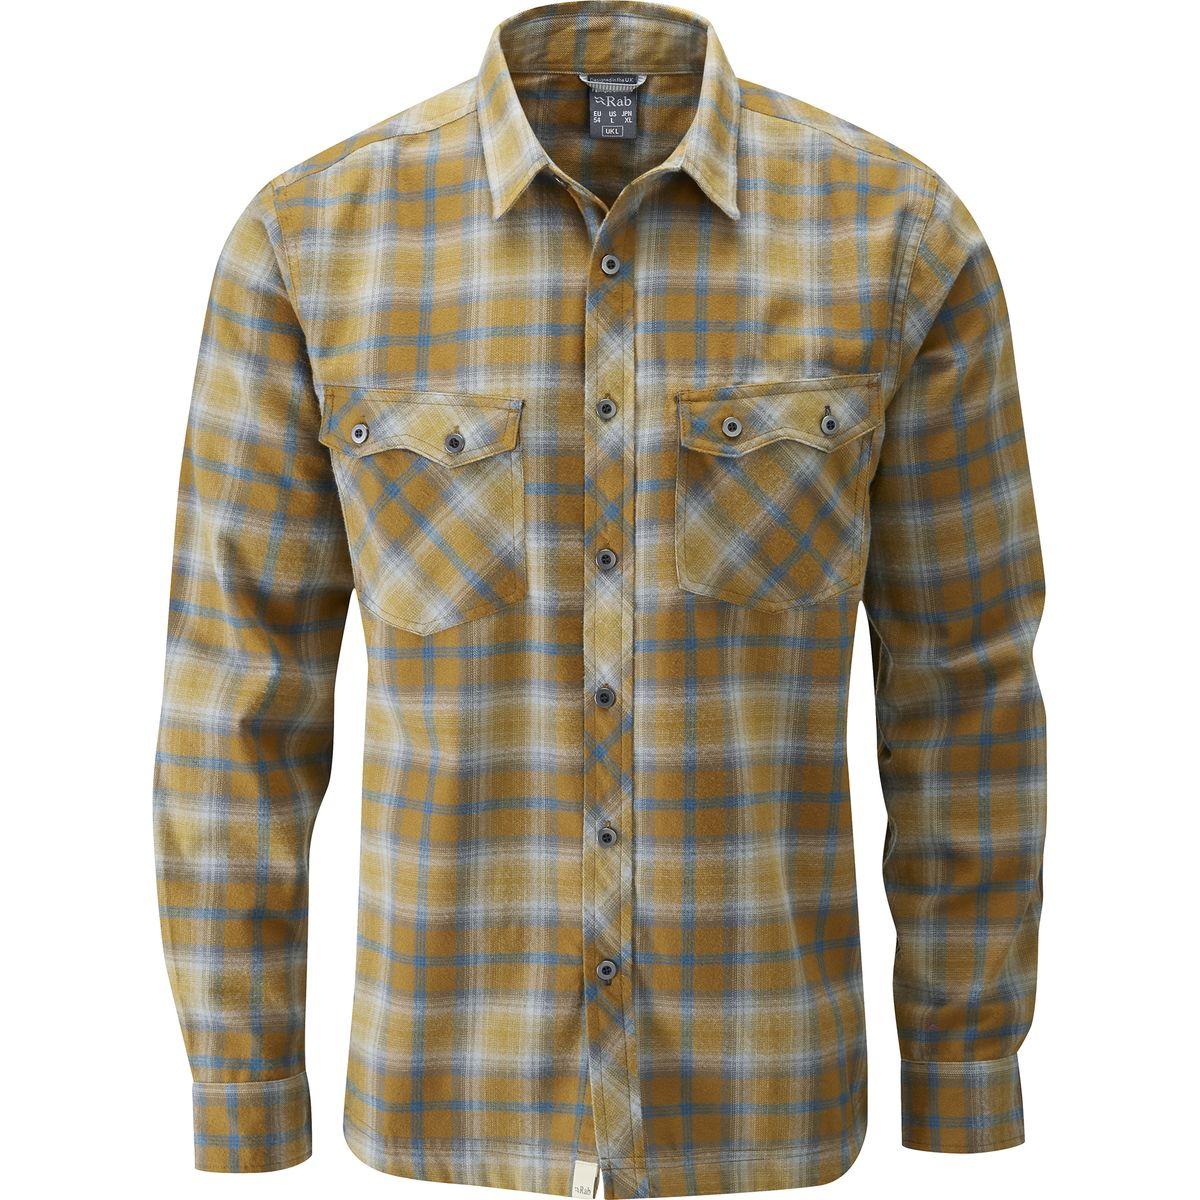 Rab cascade flannel shirt long sleeve men 39 s for Mens long sleeve flannel shirts